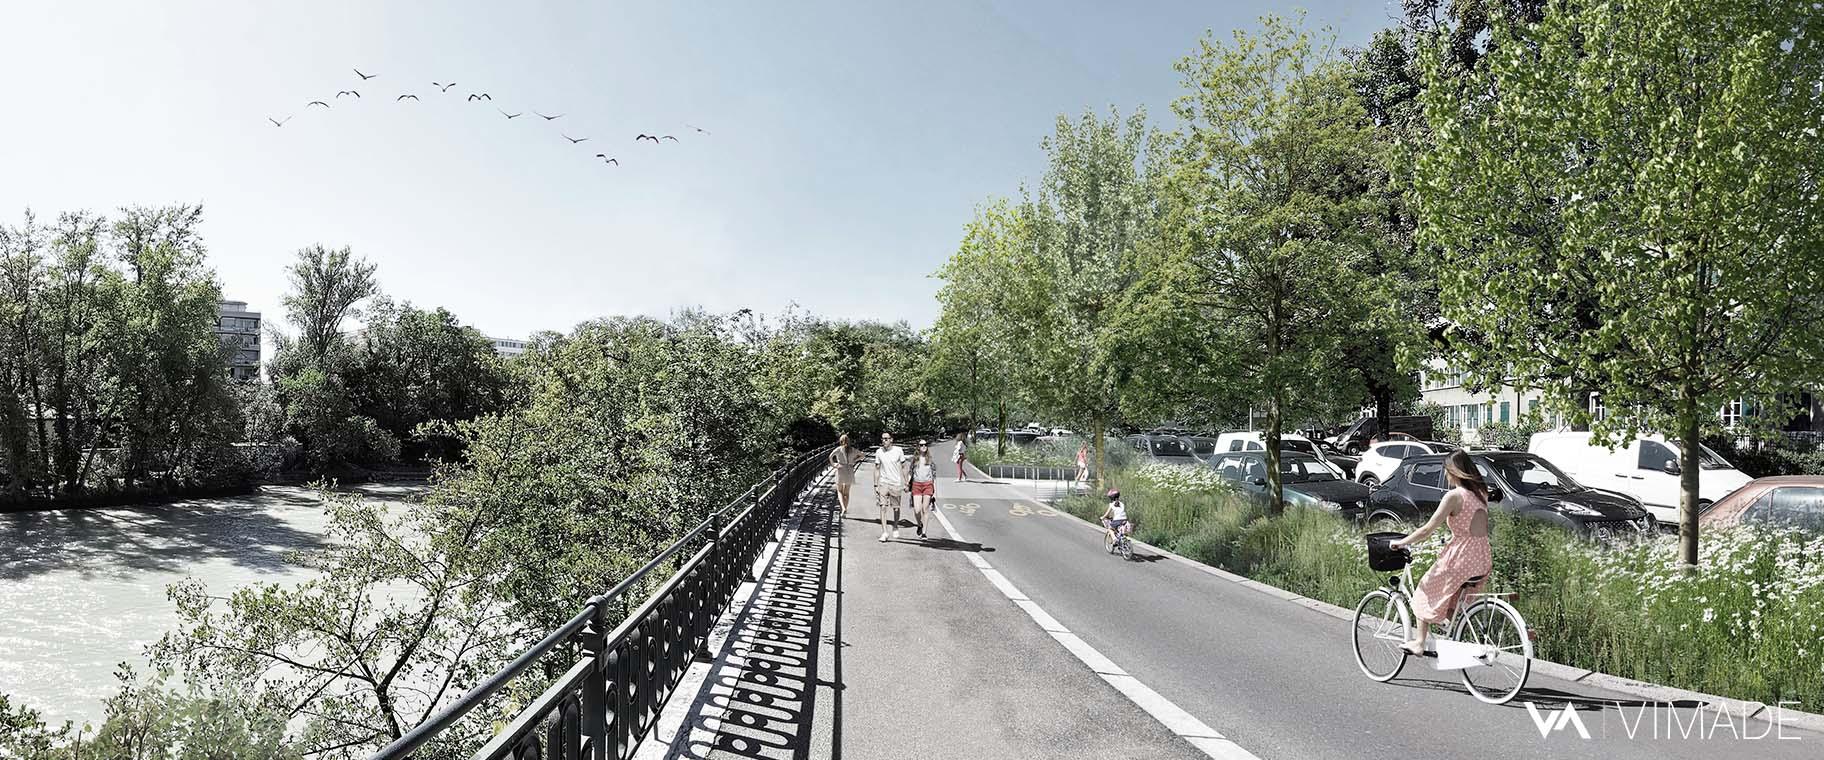 Perspective pour l'image directrice de l'aménagement des quais de l'Arve à Genève par le bureau VIMADE Architectes paysagistes.